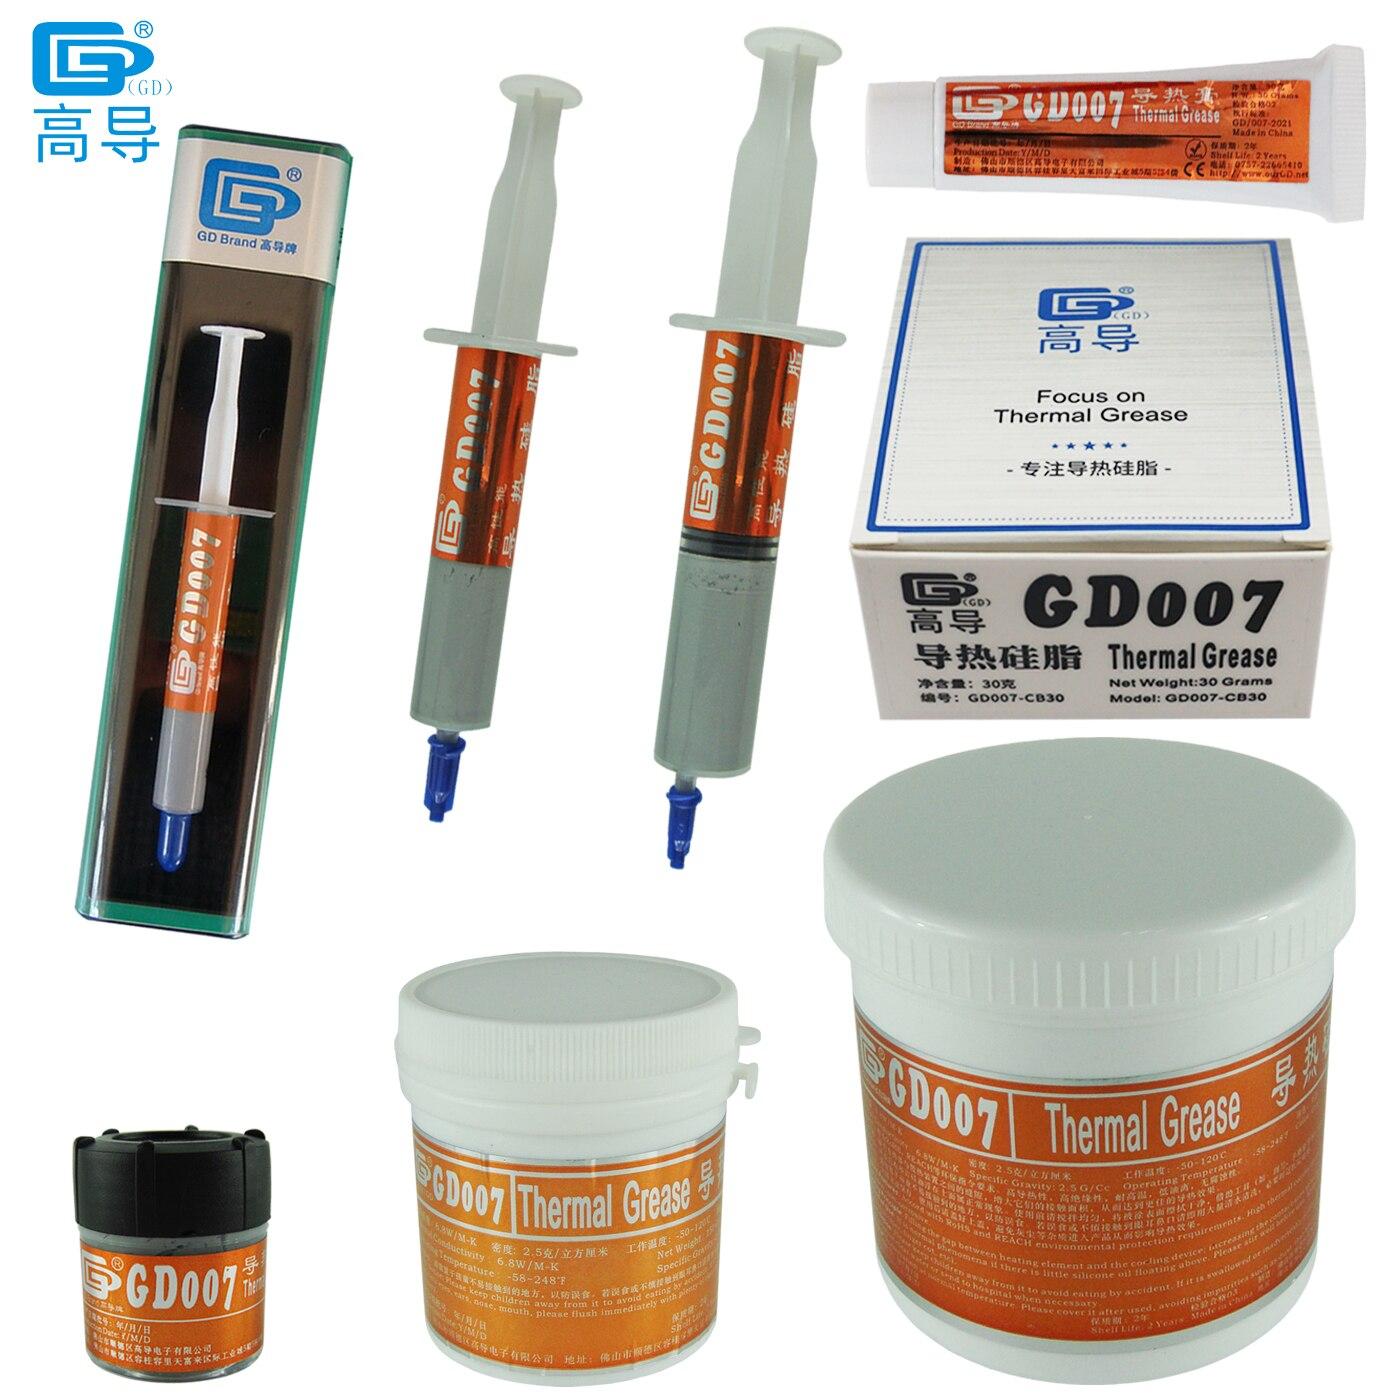 الوزن الصافي 3/15/30/150/1000 جرام GD007 الحرارية موصل الشحوم لصق الجص بالوعة الحرارة مجمع ل وحدة المعالجة المركزية LED BX SY CN ST CB